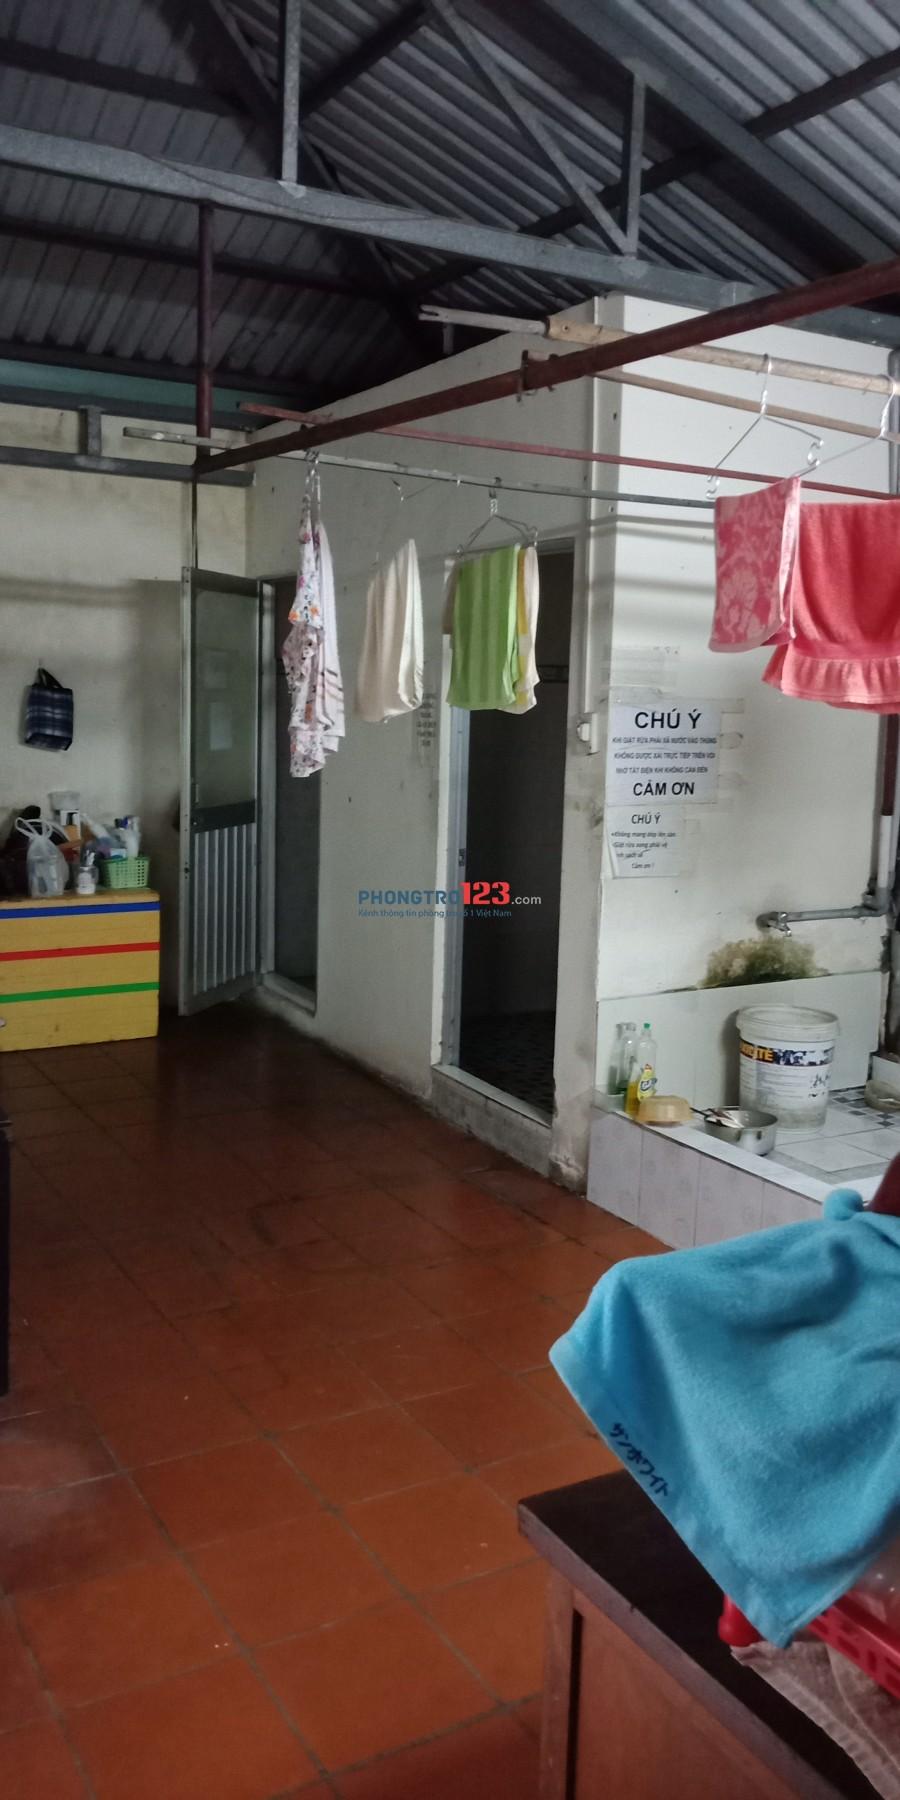 Phòng trọ cho thuê sạch sẽ, an toàn, đầy đủ tiện nghi gần nhiều trung tâm thương mại, chợ